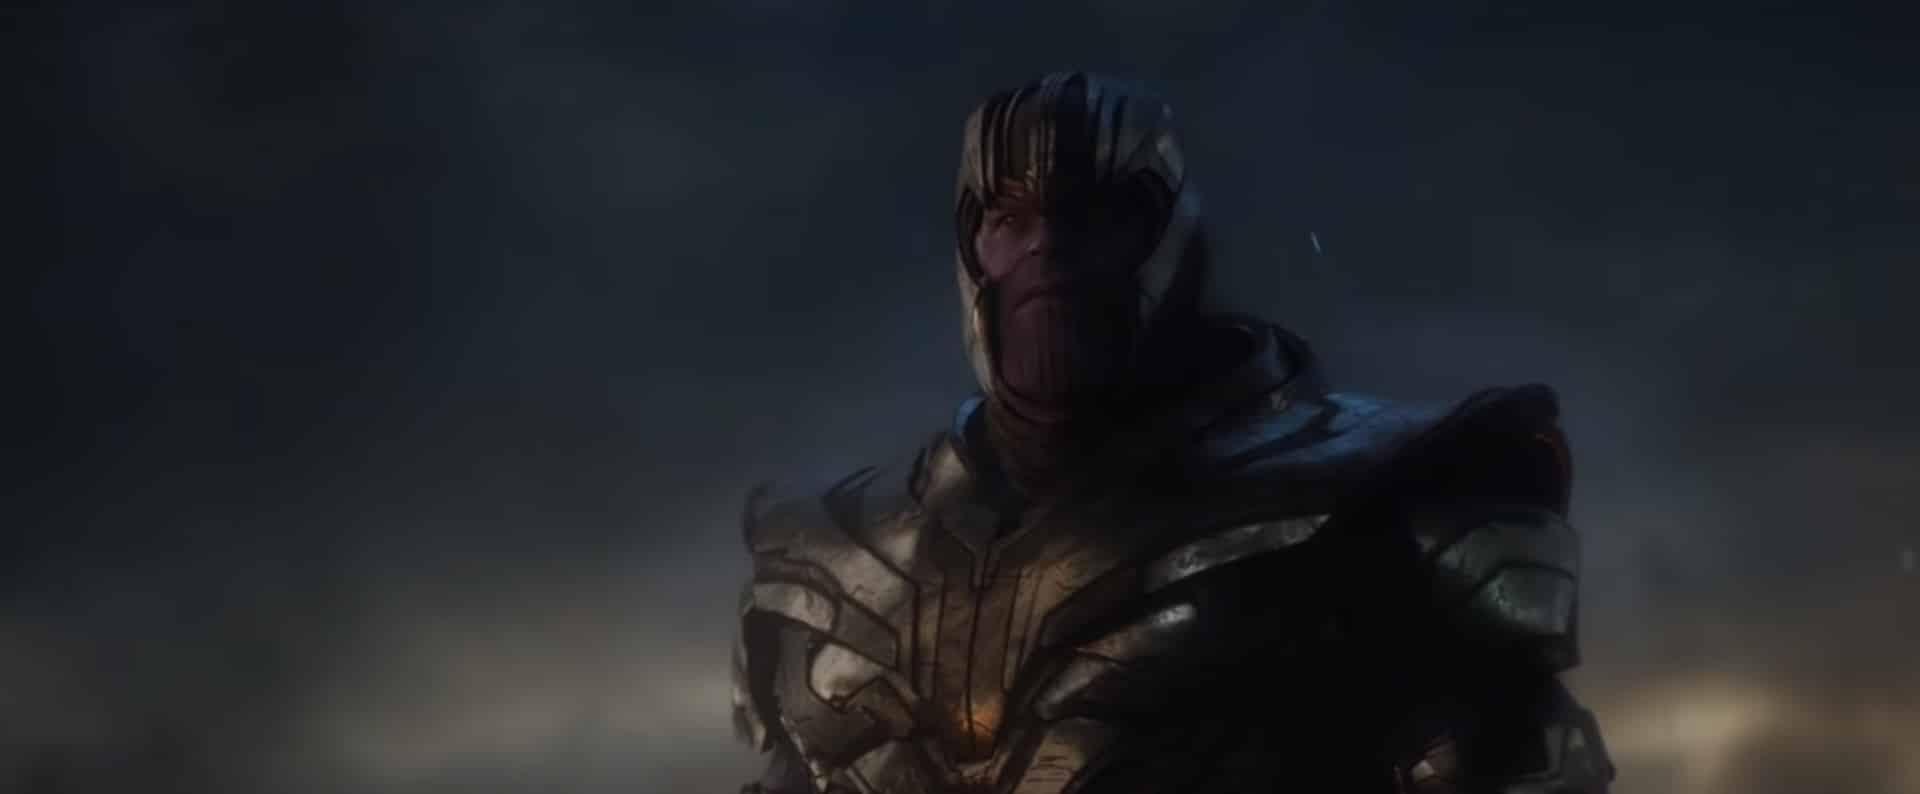 Thanos viendo de nuevo a Iron Man